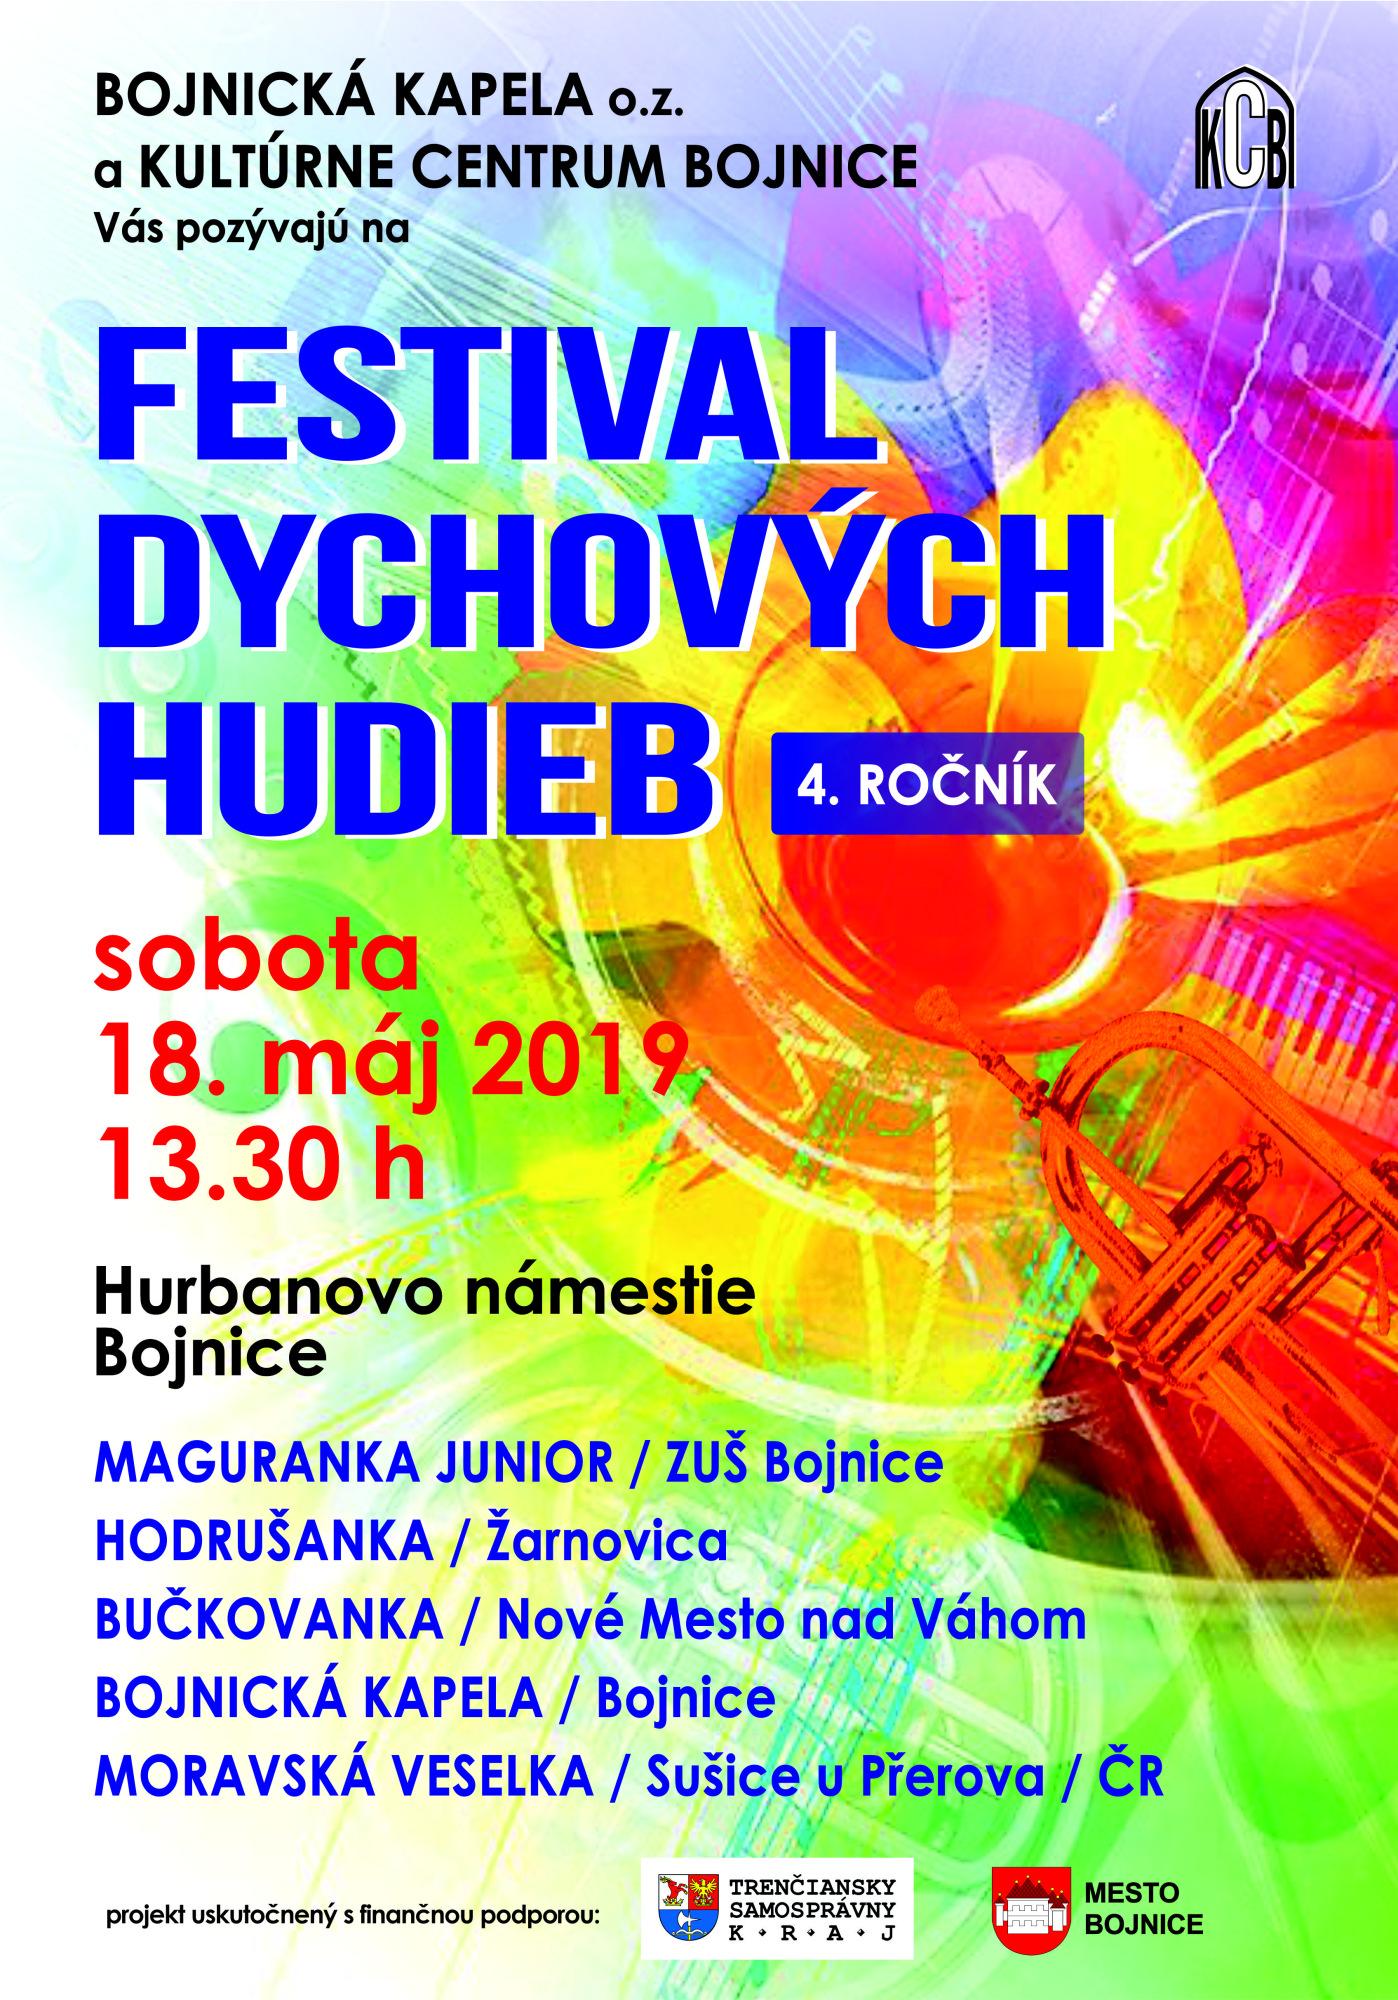 Festival-dychovych-hudieb